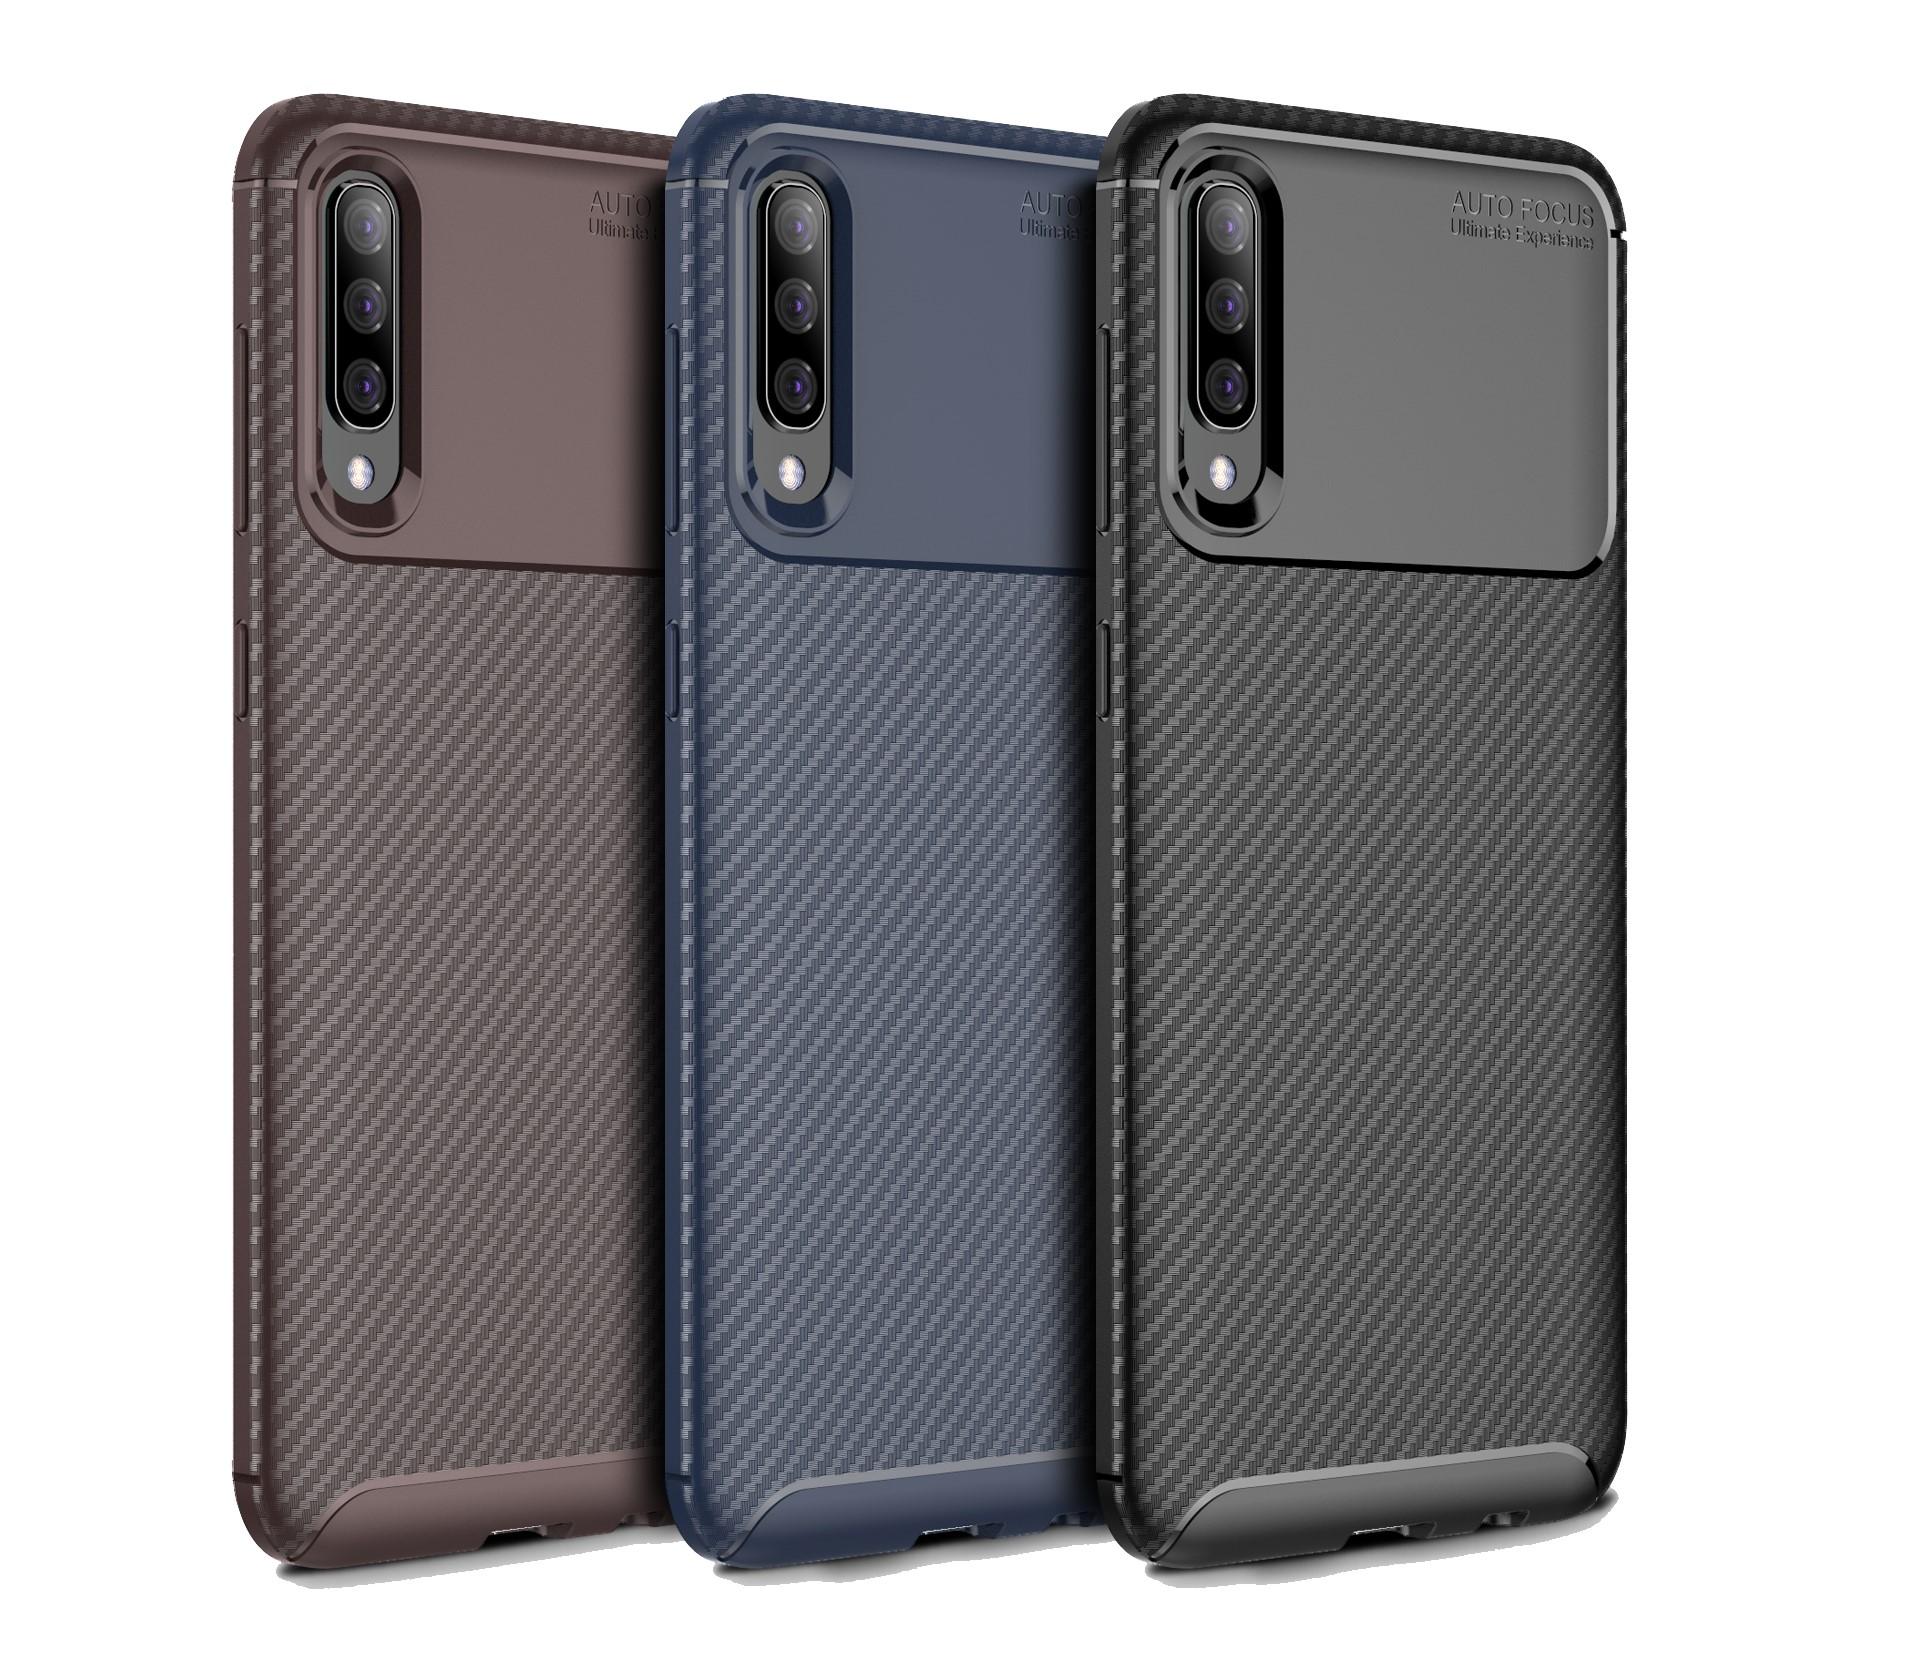 Funda Case De Carbono Disponible para Samsung: M10, M20, A20, A30, Huawei Y6 2019, Xiaomi Note 7, Mi9